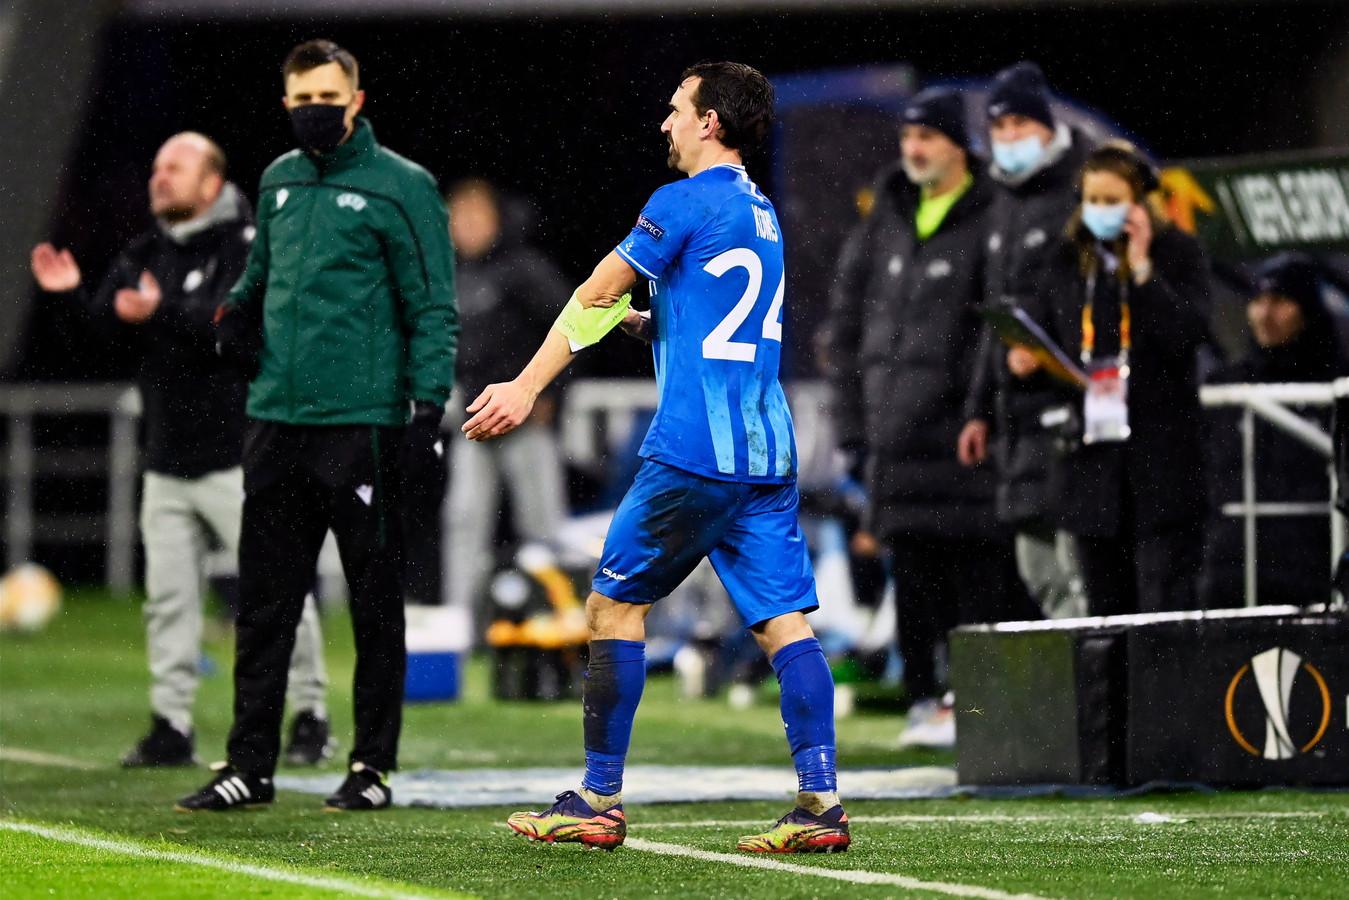 oud-Heerenveen speler Sven Kums moest na enkele seconden weer van de bank komen en het restand van de wedstrijd uitspelen.